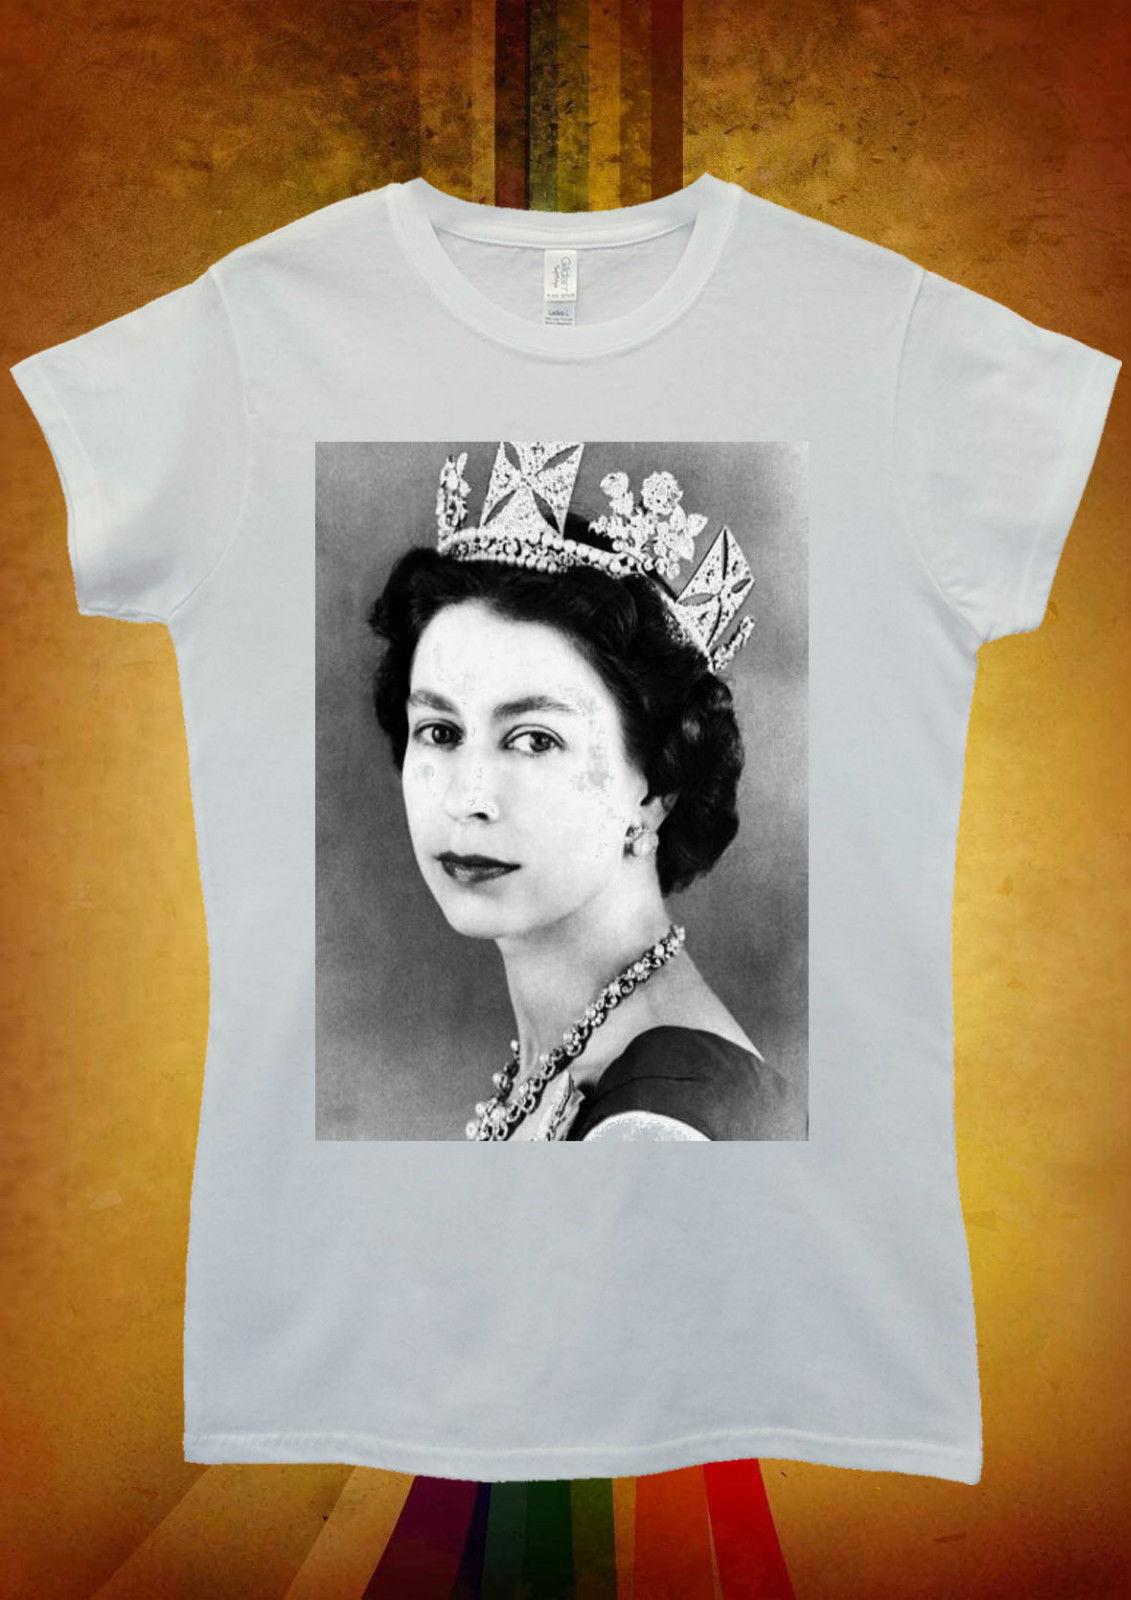 Her Majesty the Queen Elizabeth II Men Women Unisex T Shirt Top Vest 1217 New T Shirts Funny Tops Tee New Unisex Funny Tops in T Shirts from Men 39 s Clothing